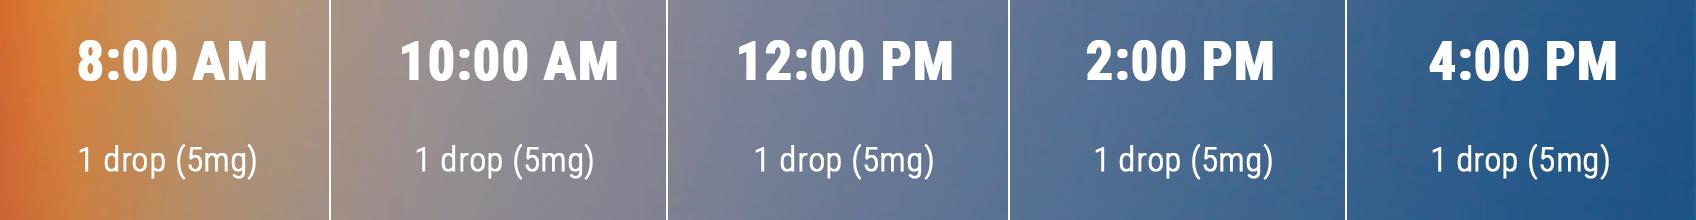 CBD Microdosing Schedule